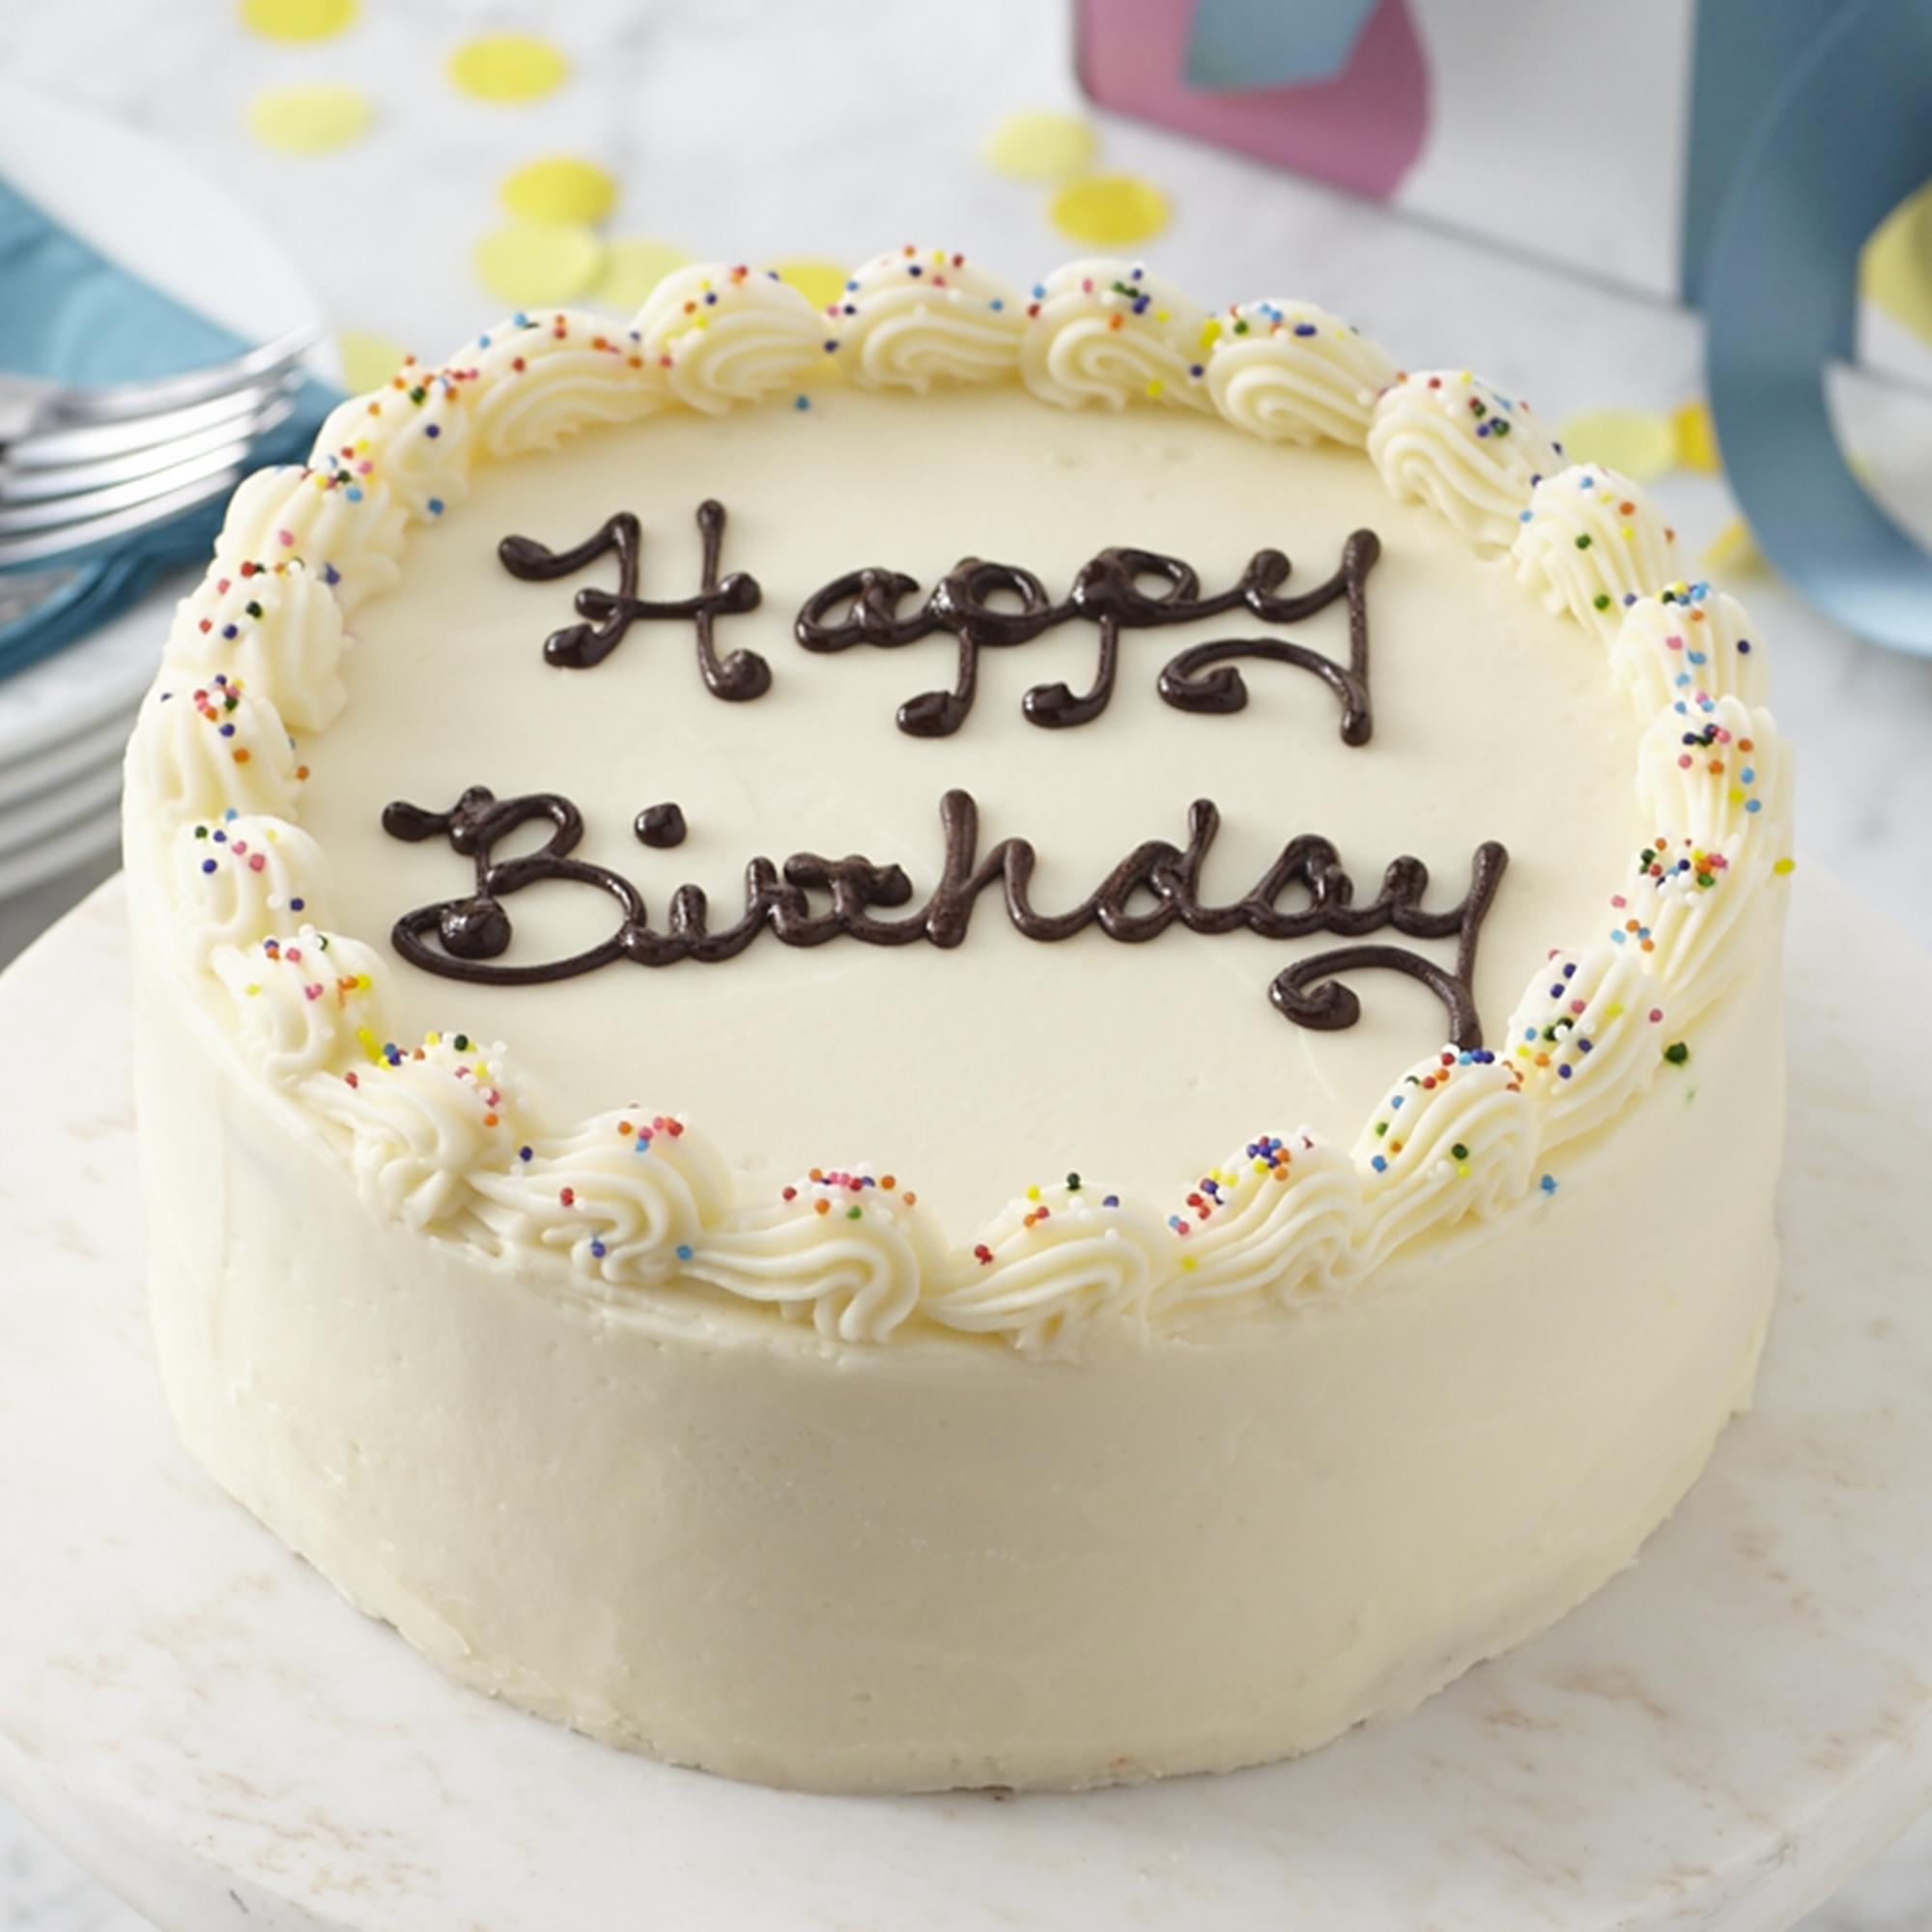 Birthday Celebration Cake Hickory Farms